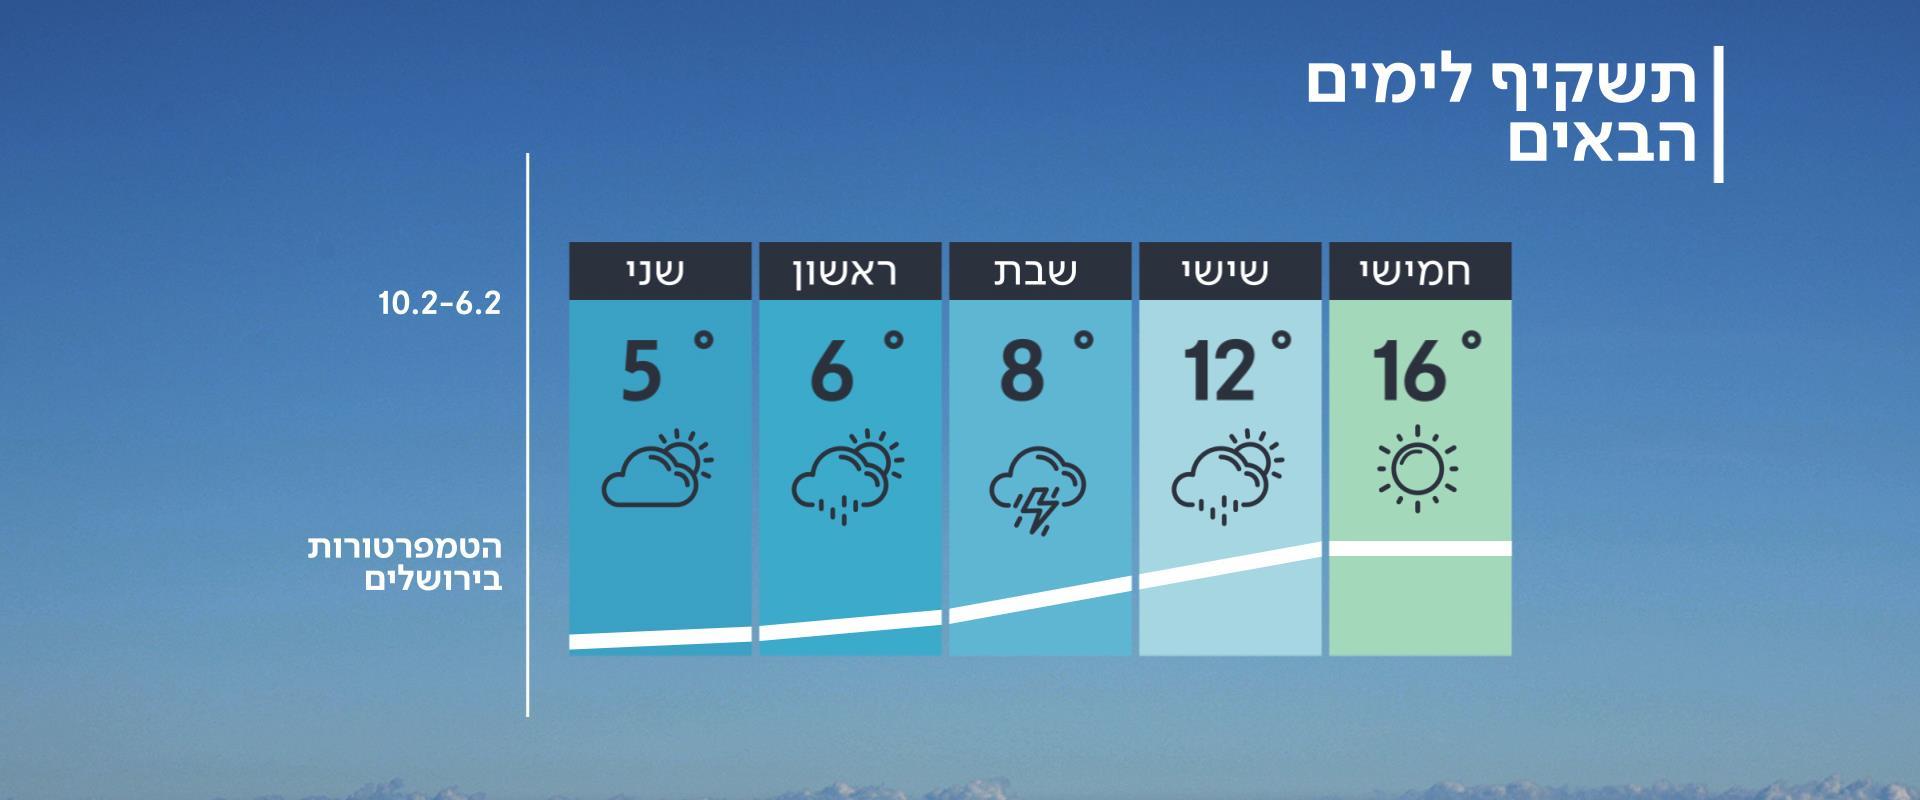 התחזית 05.02: התחממות קלה לקראת גל קור קיצוני